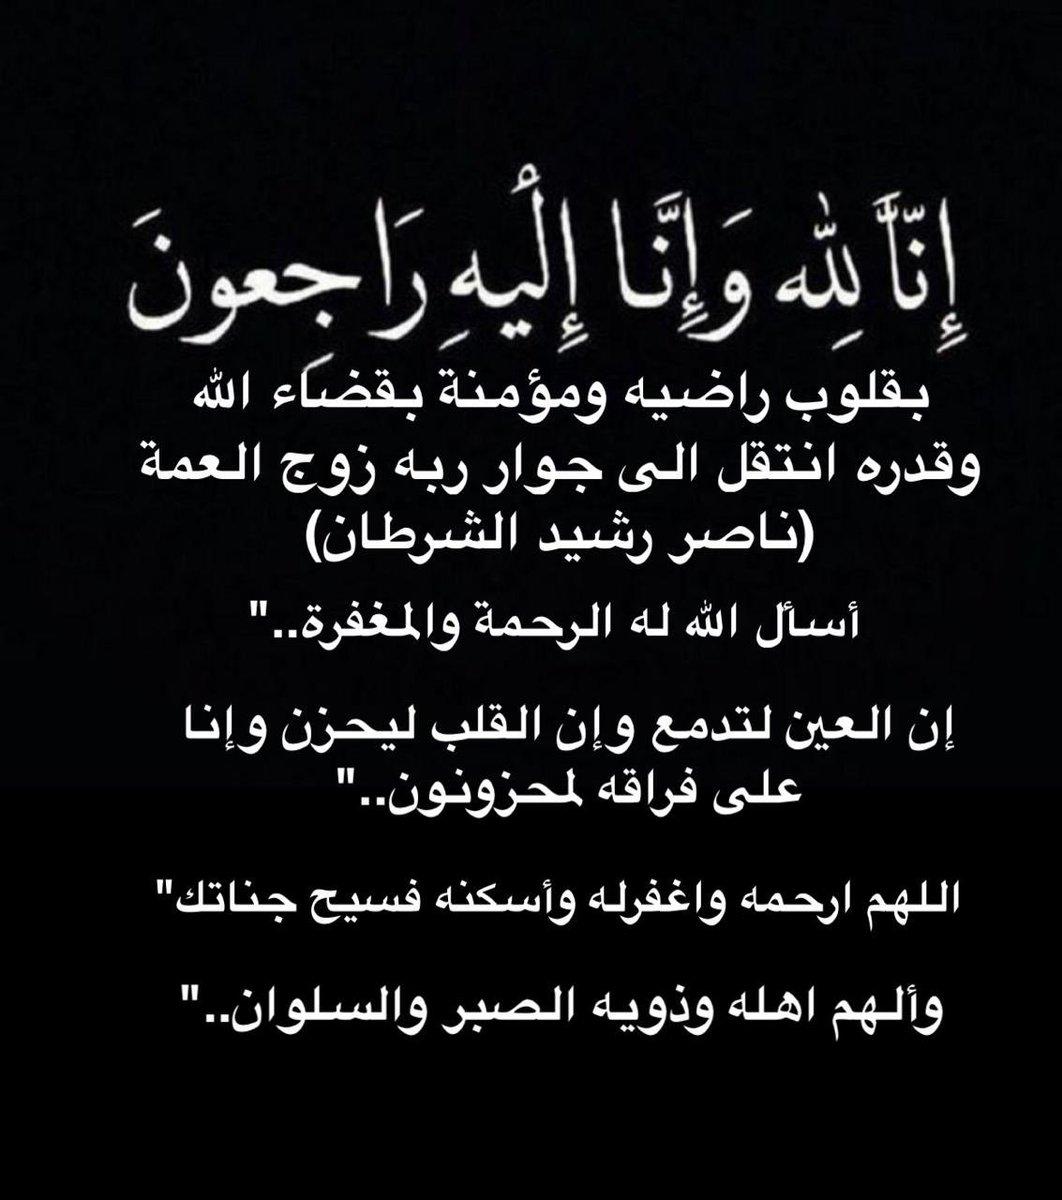 #ناصر_رشيد_الشرطان https://t.co/BcbE6txlwY